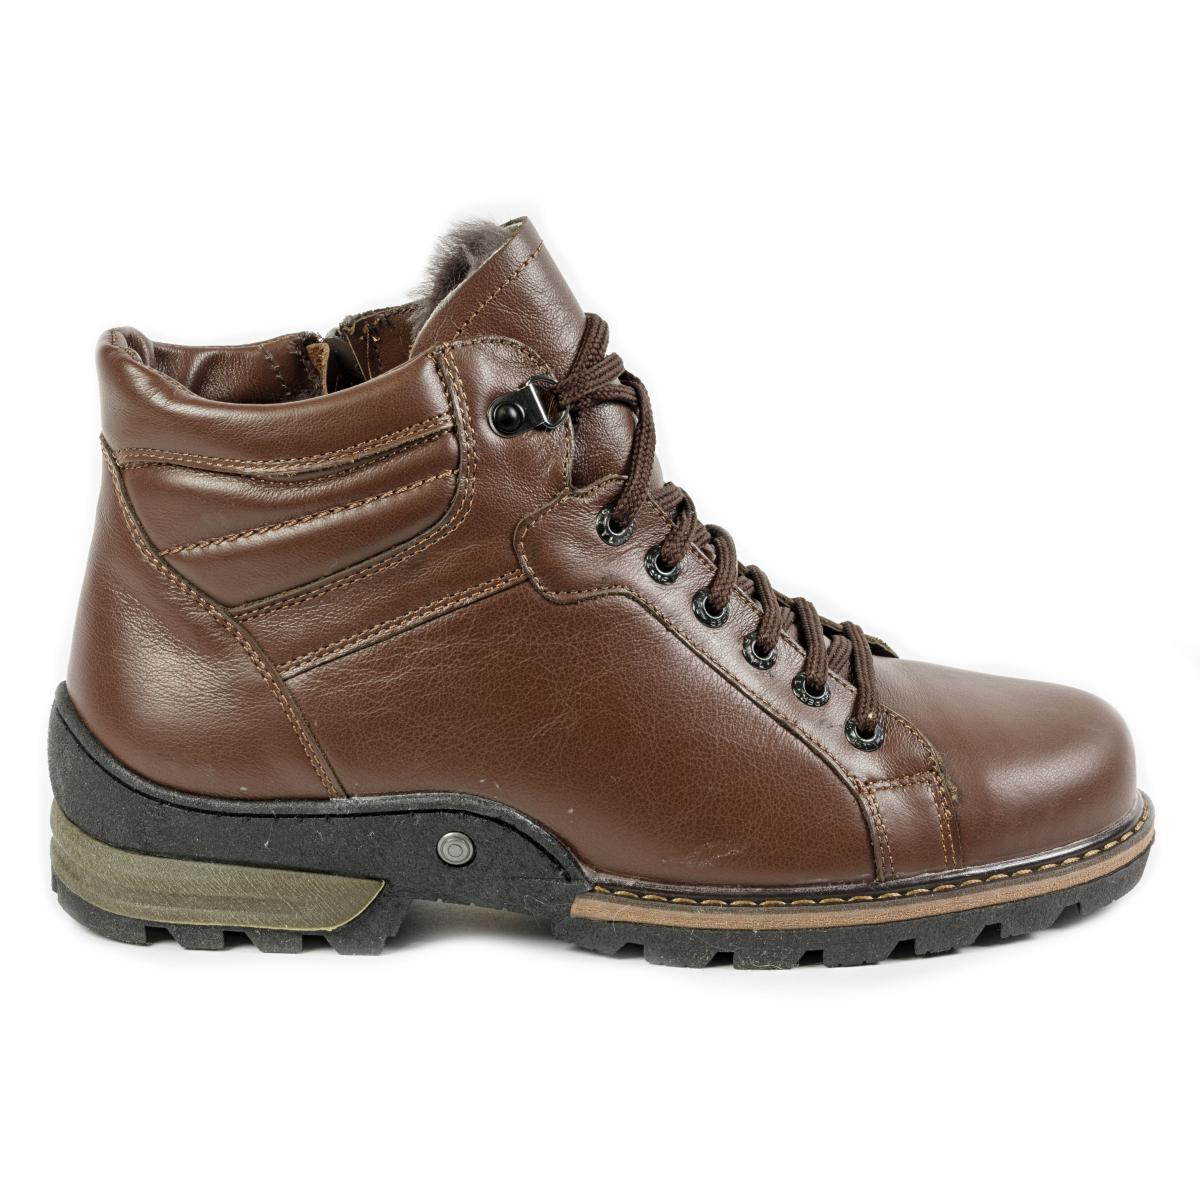 Обувь Корс Интернет Магазин Официальный Сайт